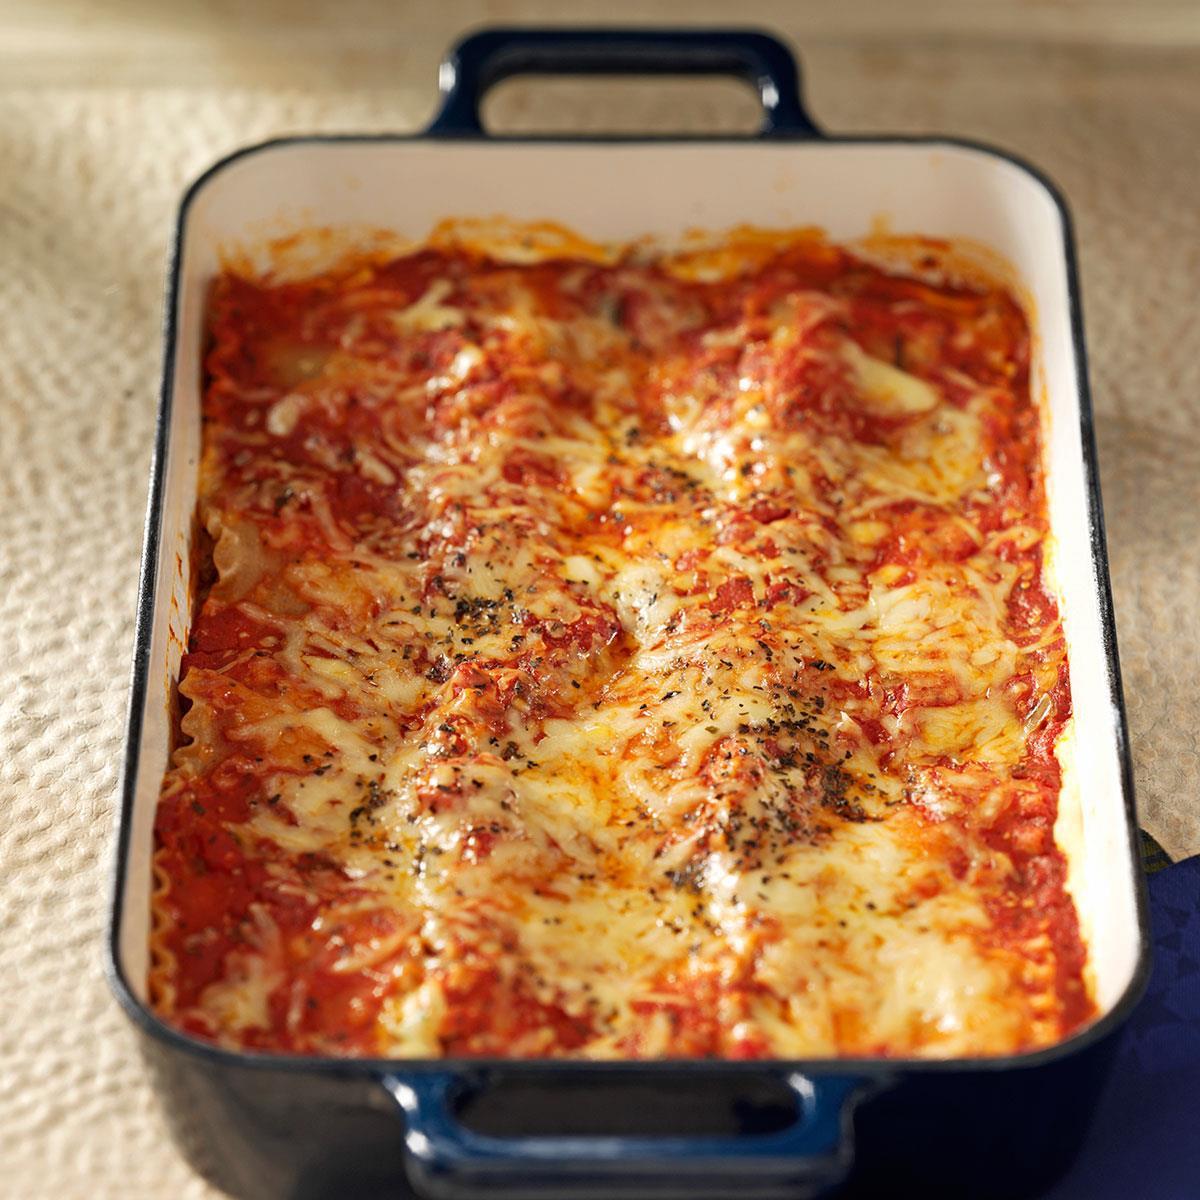 Healthy Meat Lasagna Recipe  Makeover Beef & Sausage Lasagna Recipe